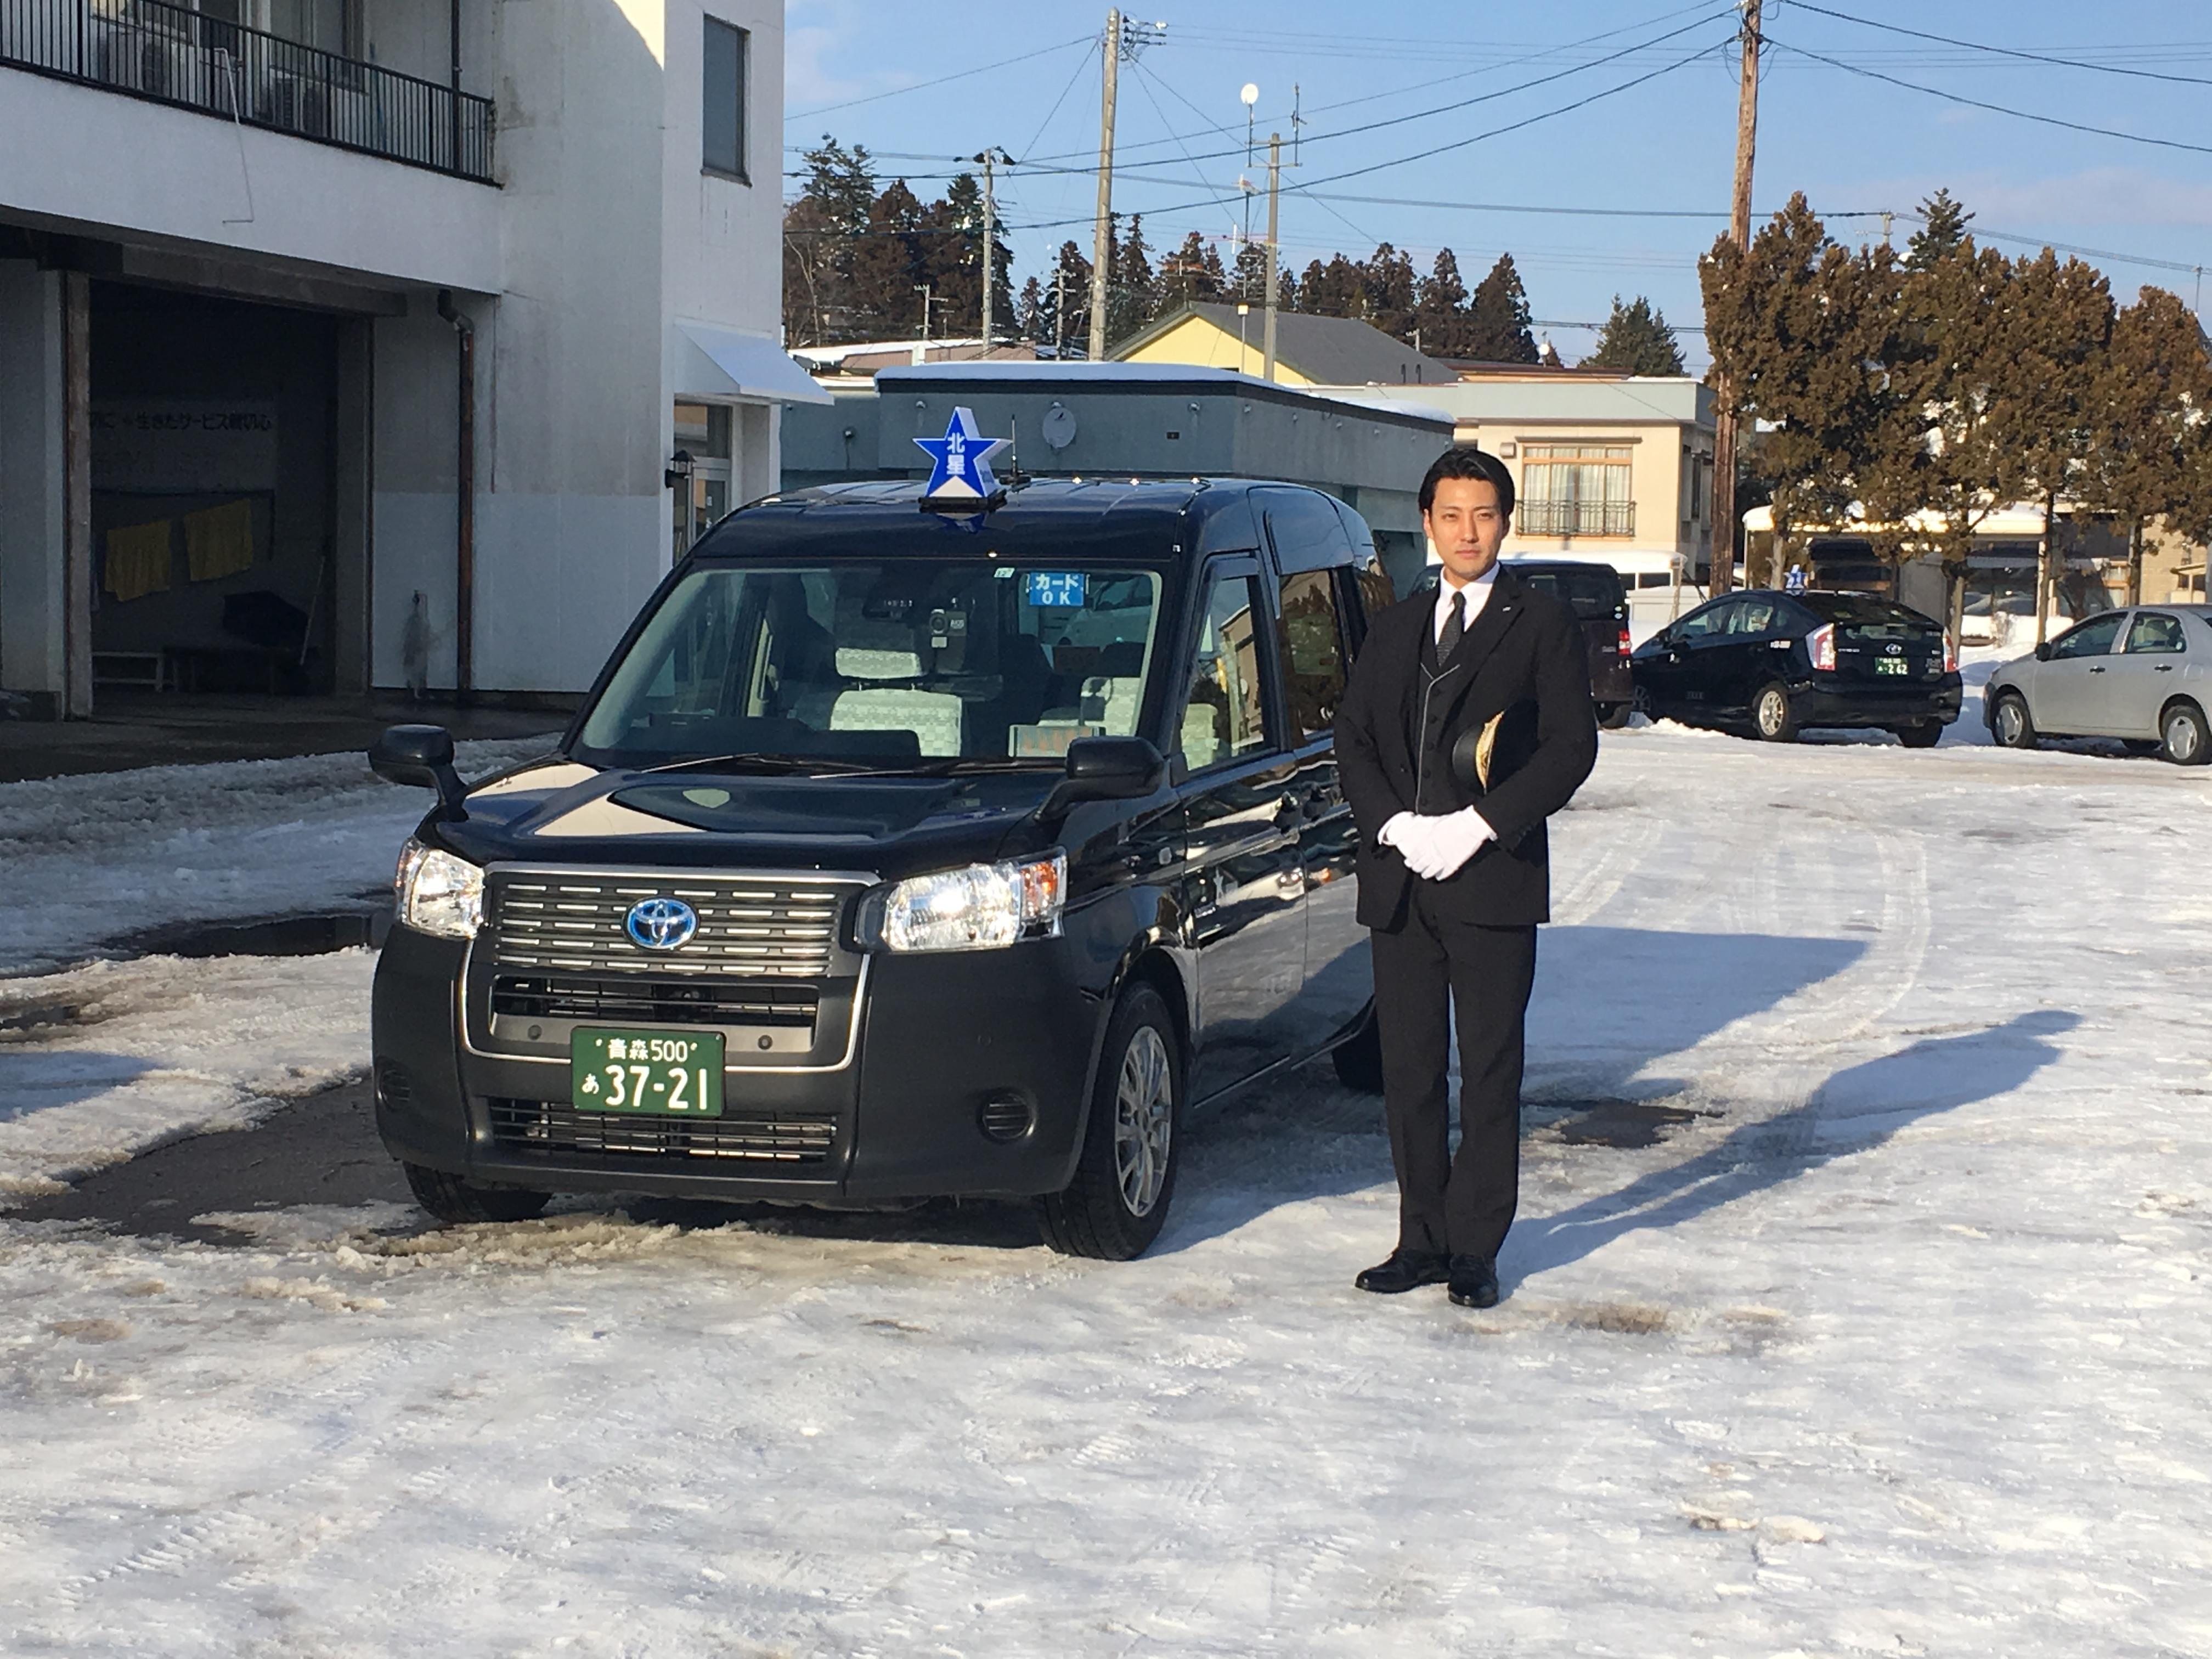 北星交通株式会社(タクシー乗務員)